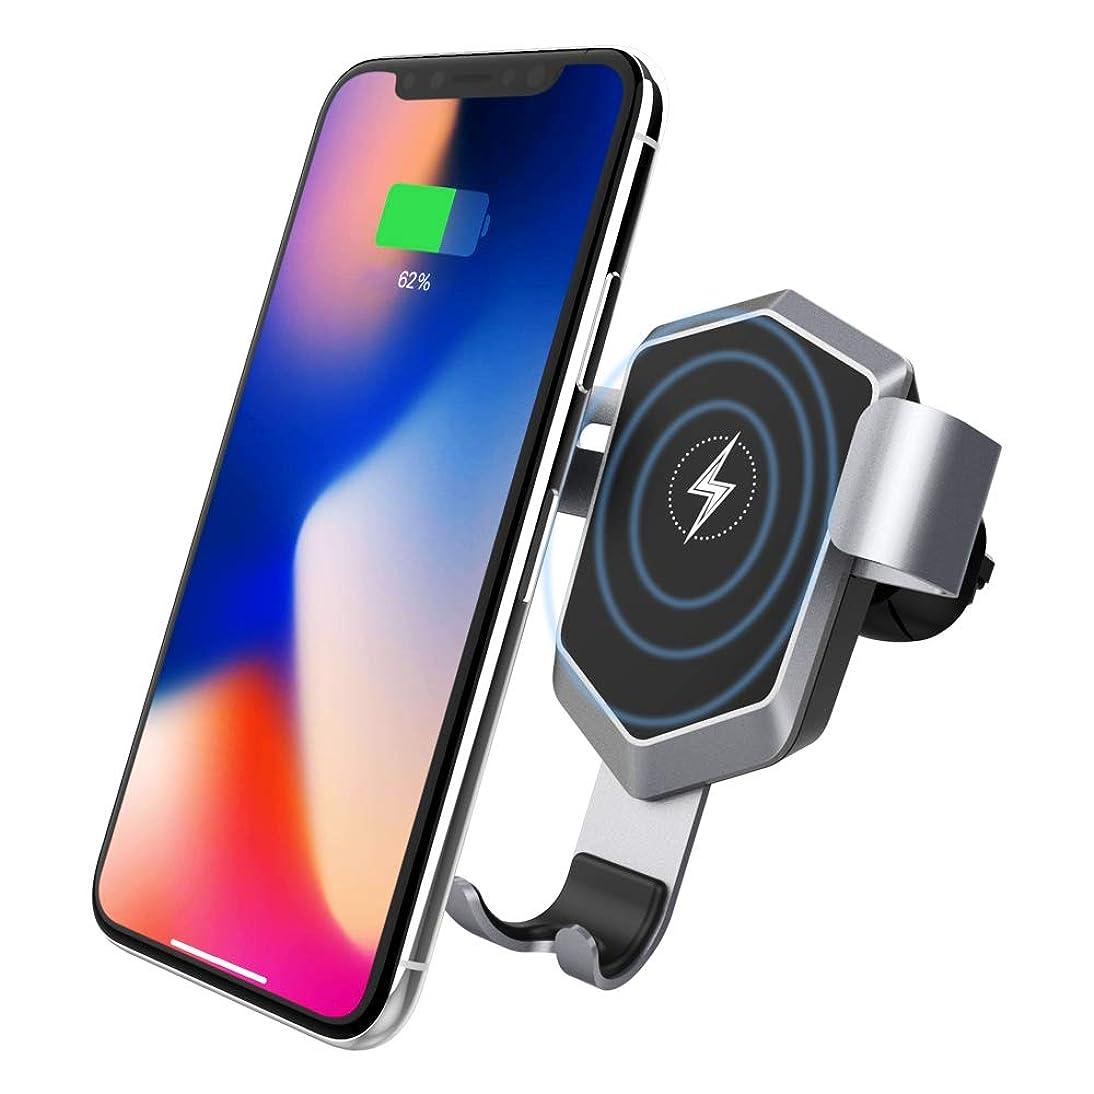 素晴らしき濃度適度にワイヤレス充電器 車用 車載Qi ワイヤレス充電器 車載充電器 車載ホルダー ワイヤレス Qi 急速充電器 10W10W/7.5W/5W Qi認証済み iPhone 8/8+ /X/XS/XS MAX/XR, Galaxy S8/S8+/S9 /S9+/Note 8/S8, Nexus4/5/6, Sony SZ2/Xperia XZ3, HUAWEI Mate 20/20 pro/RSなどQI機種対応